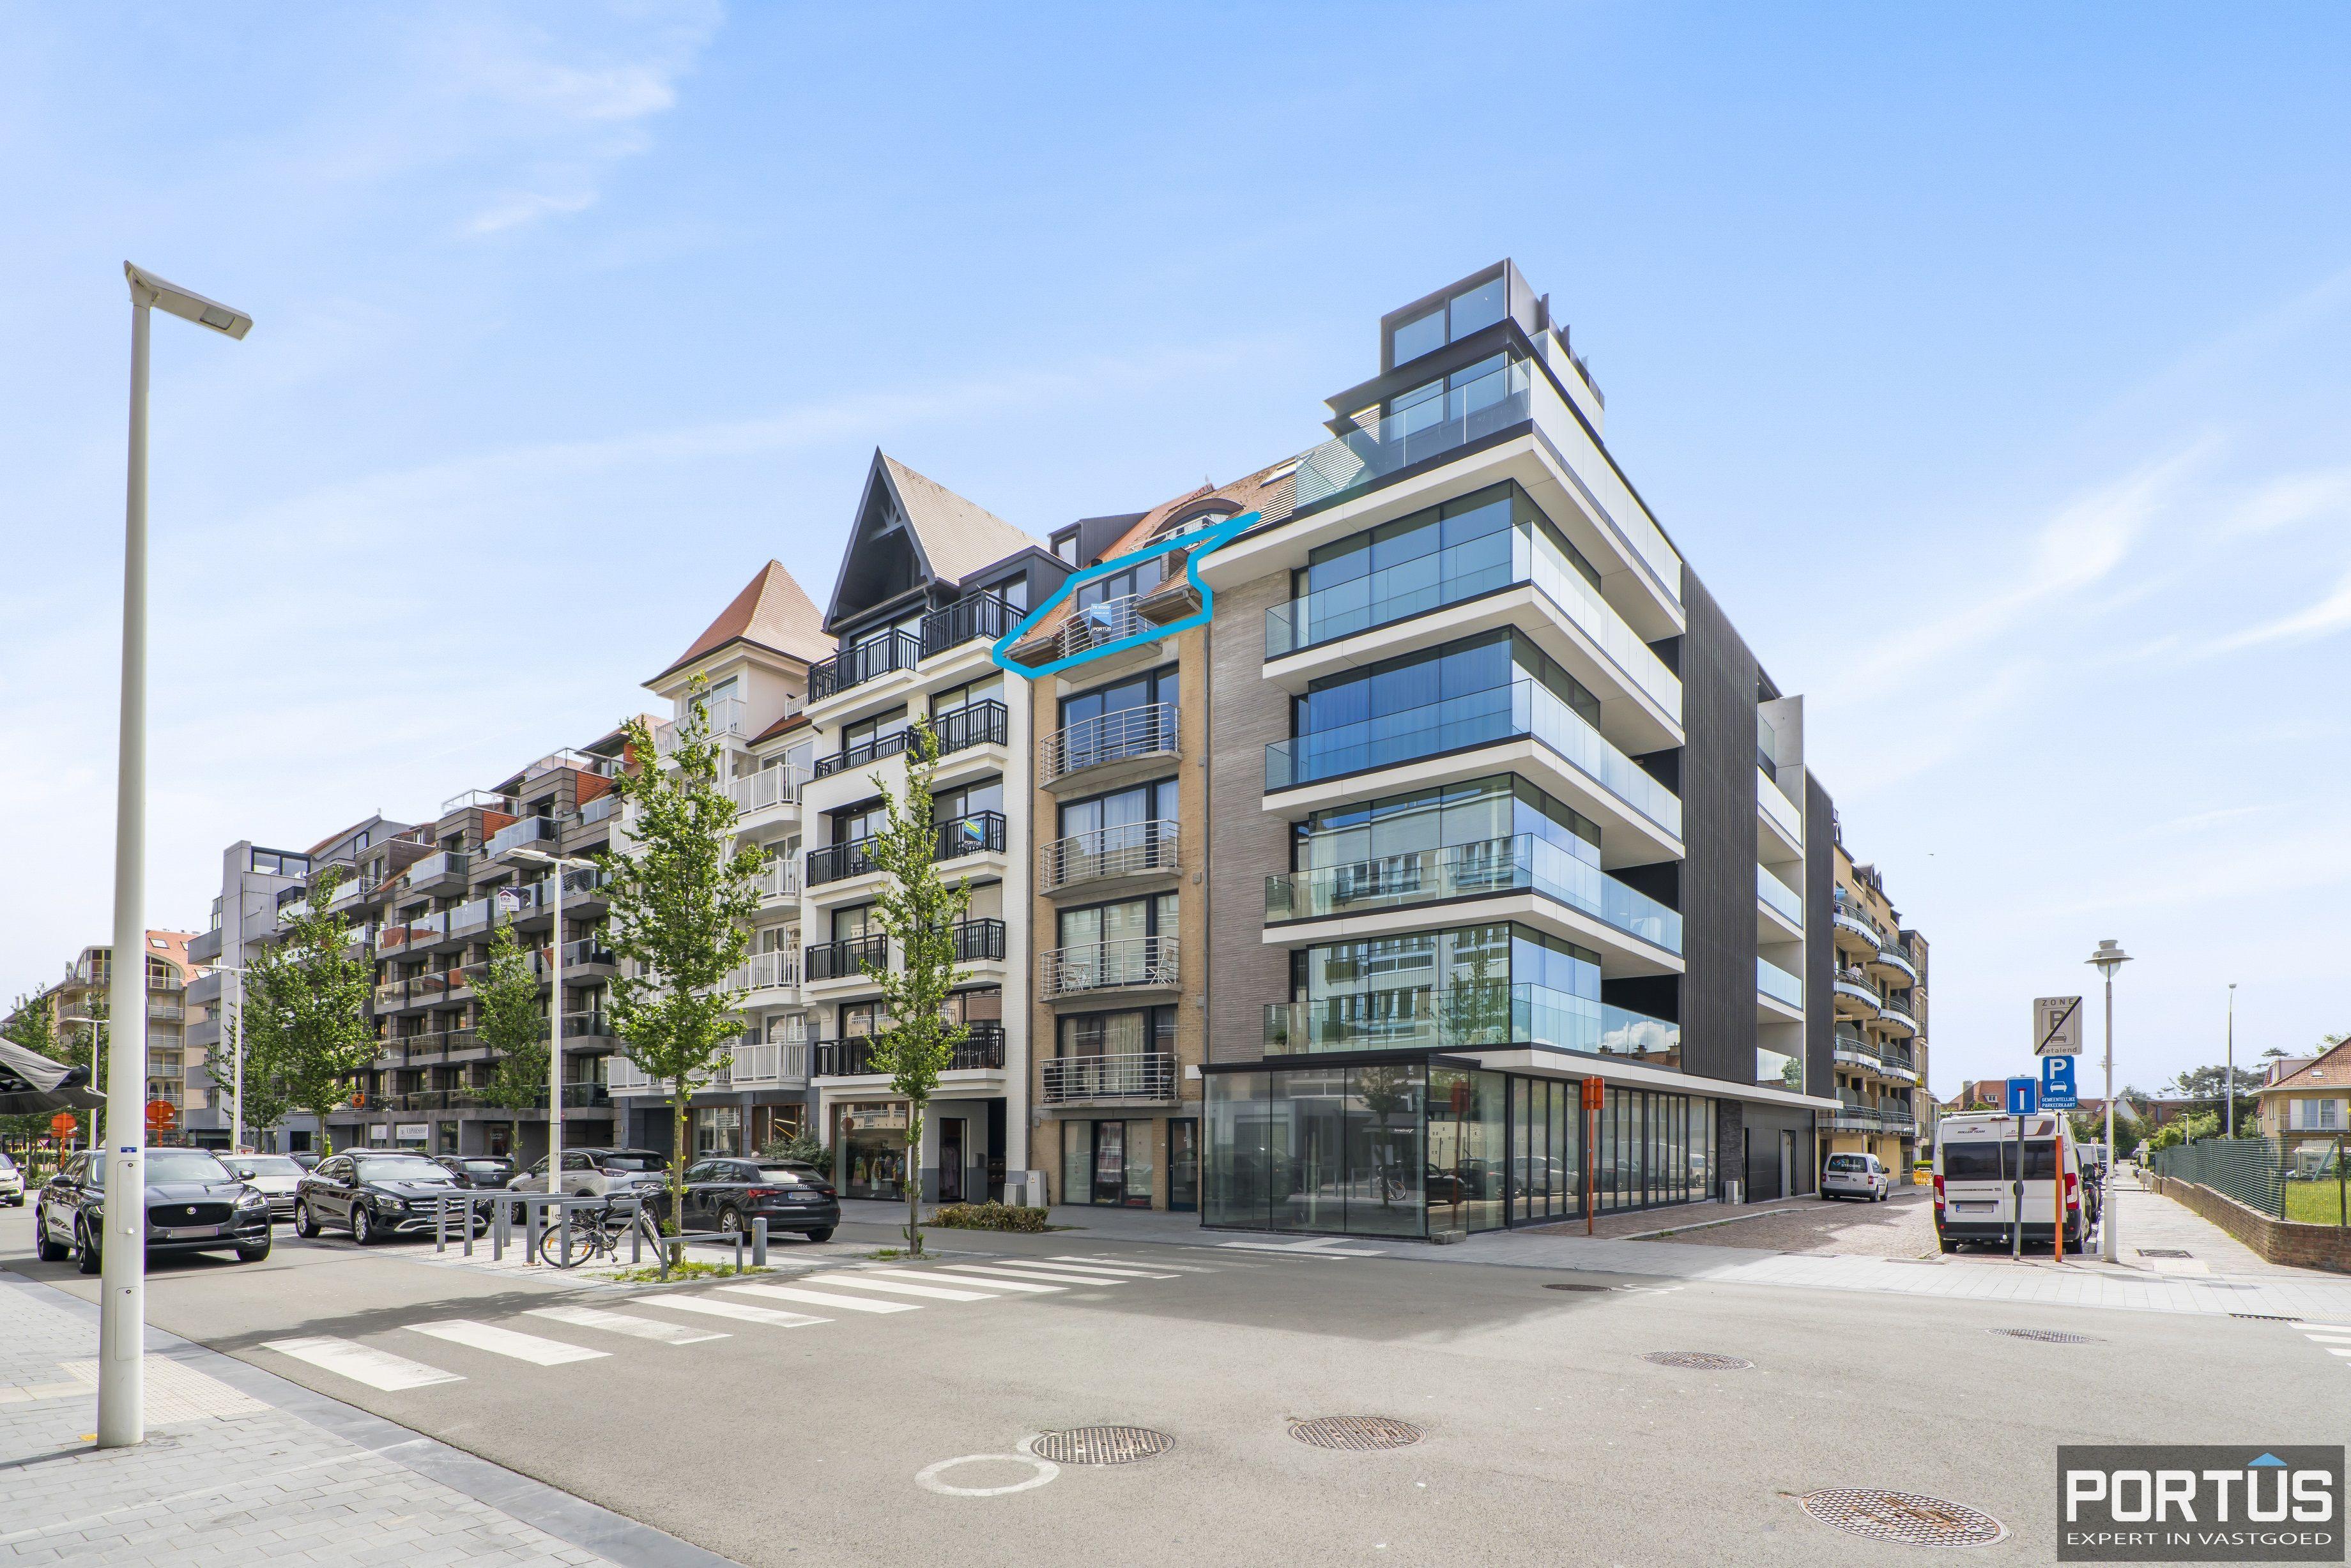 Appartement op wandelafstand van het strand te koop te Nieuwpoort-Bad - 13170